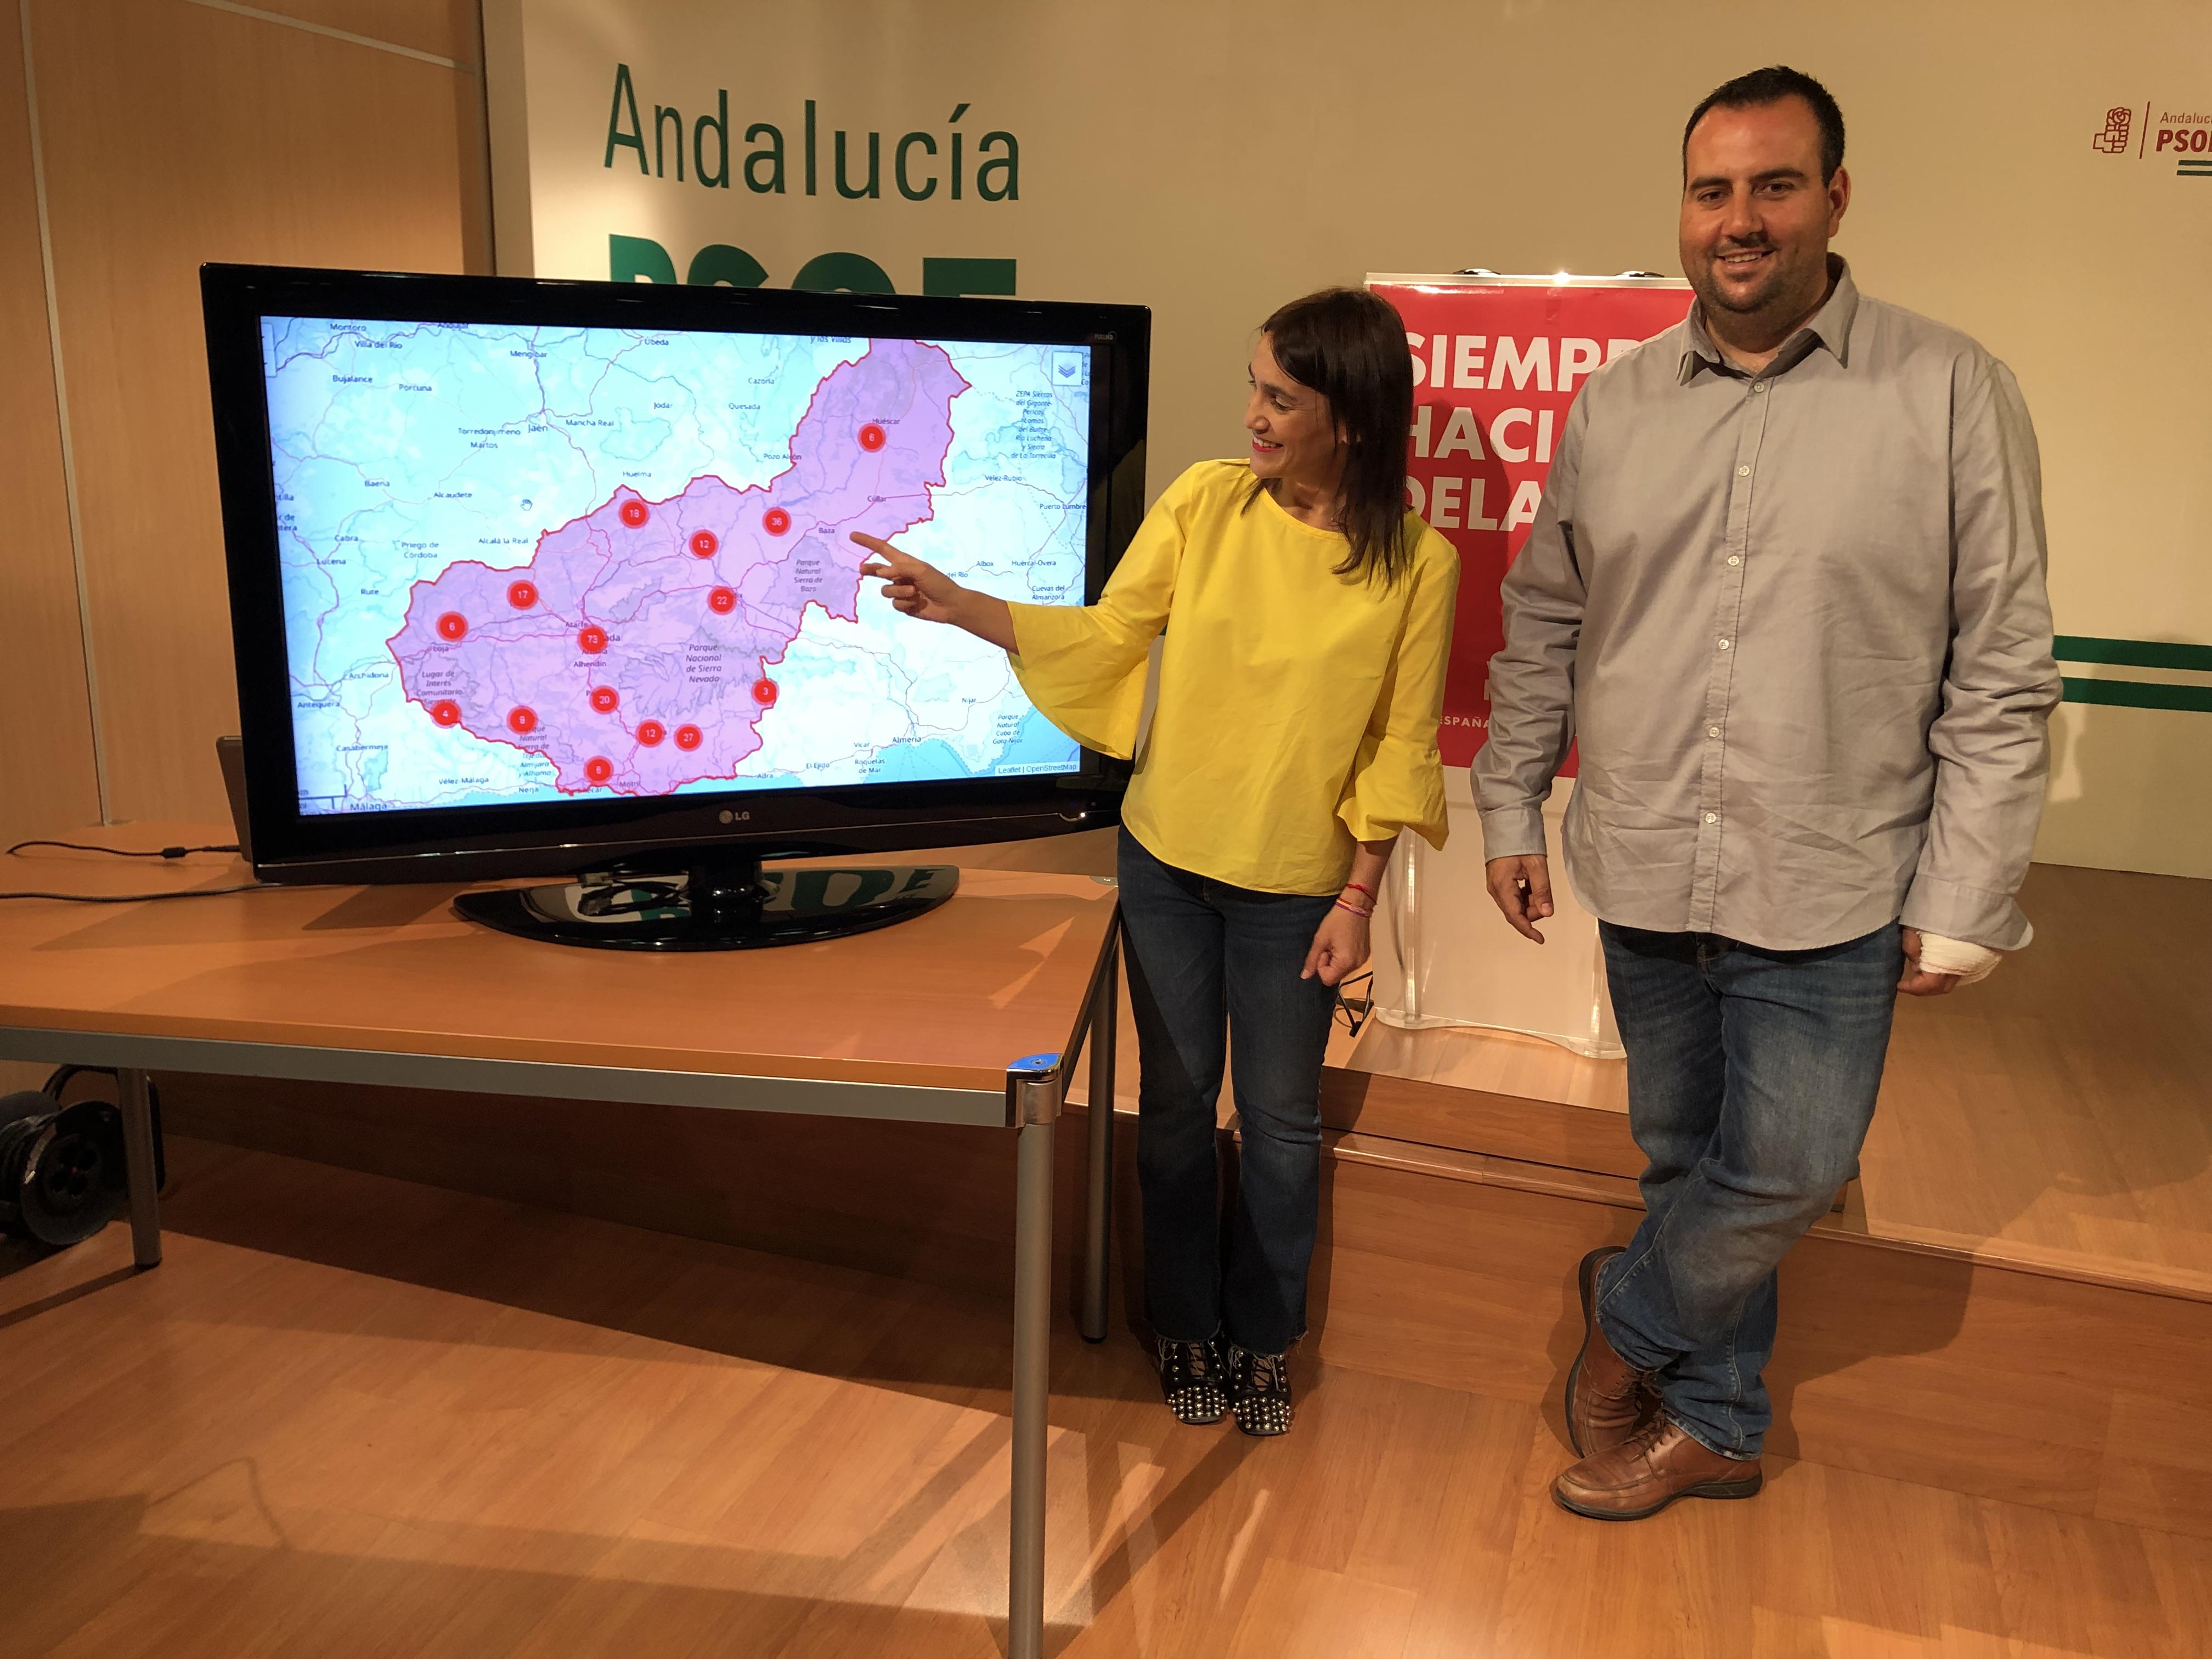 #26M: El PSOE presenta 180 candidaturas «de avance» y con el objetivo de «mantener la Diputación»